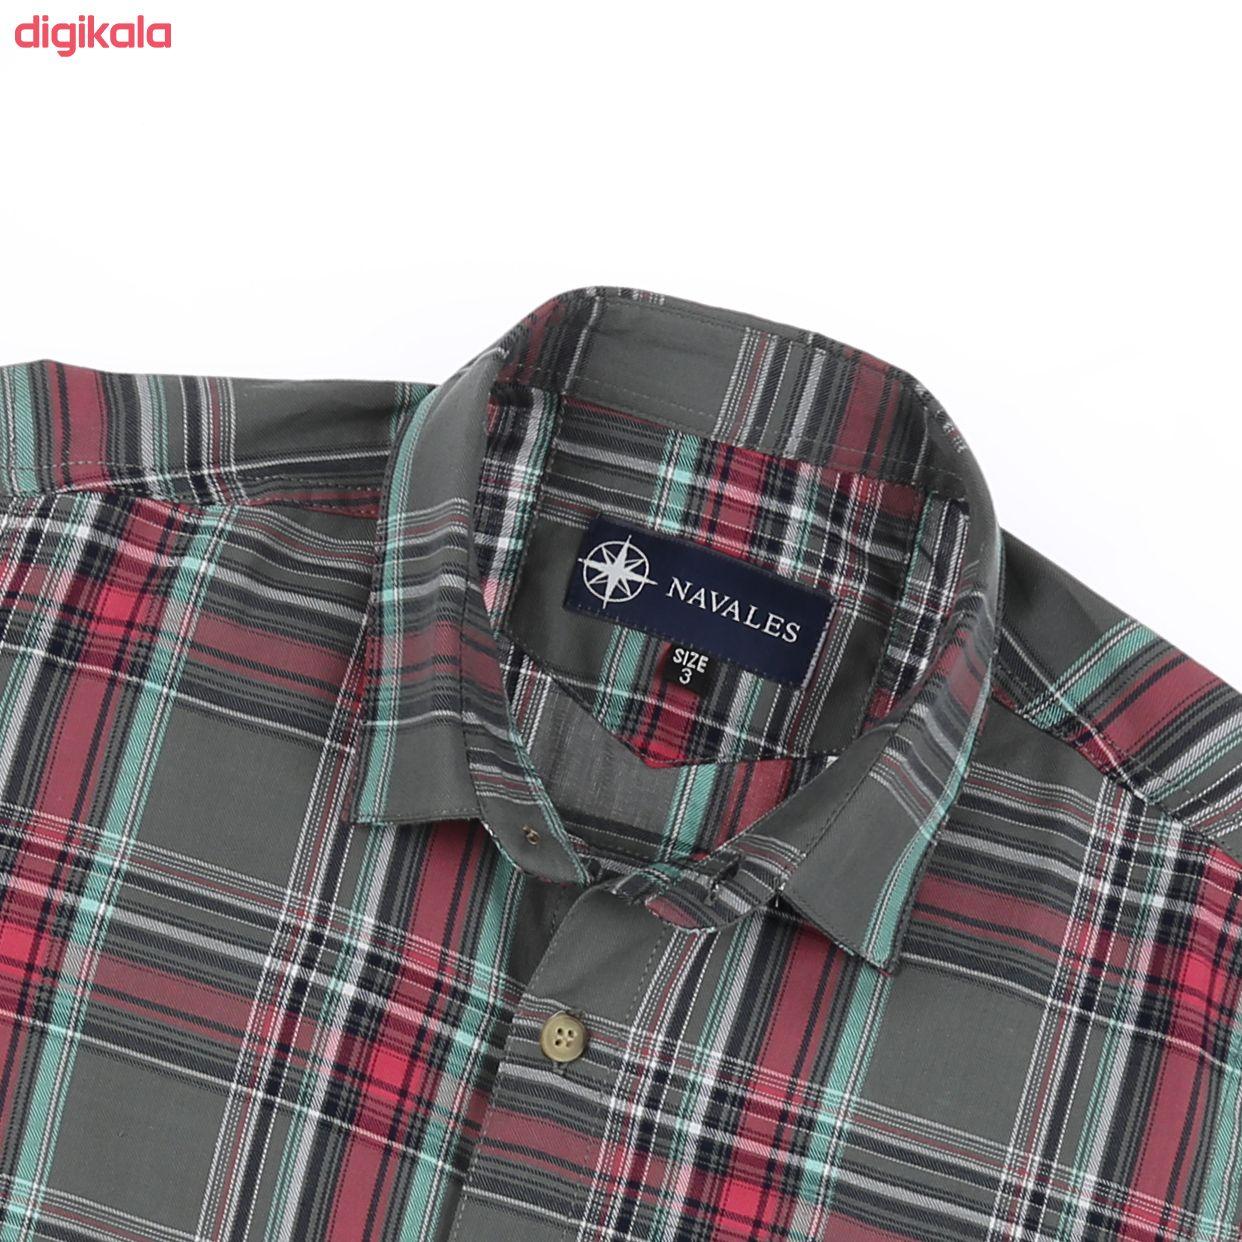 پیراهن پسرانه ناوالس کد G-20119-GY main 1 4